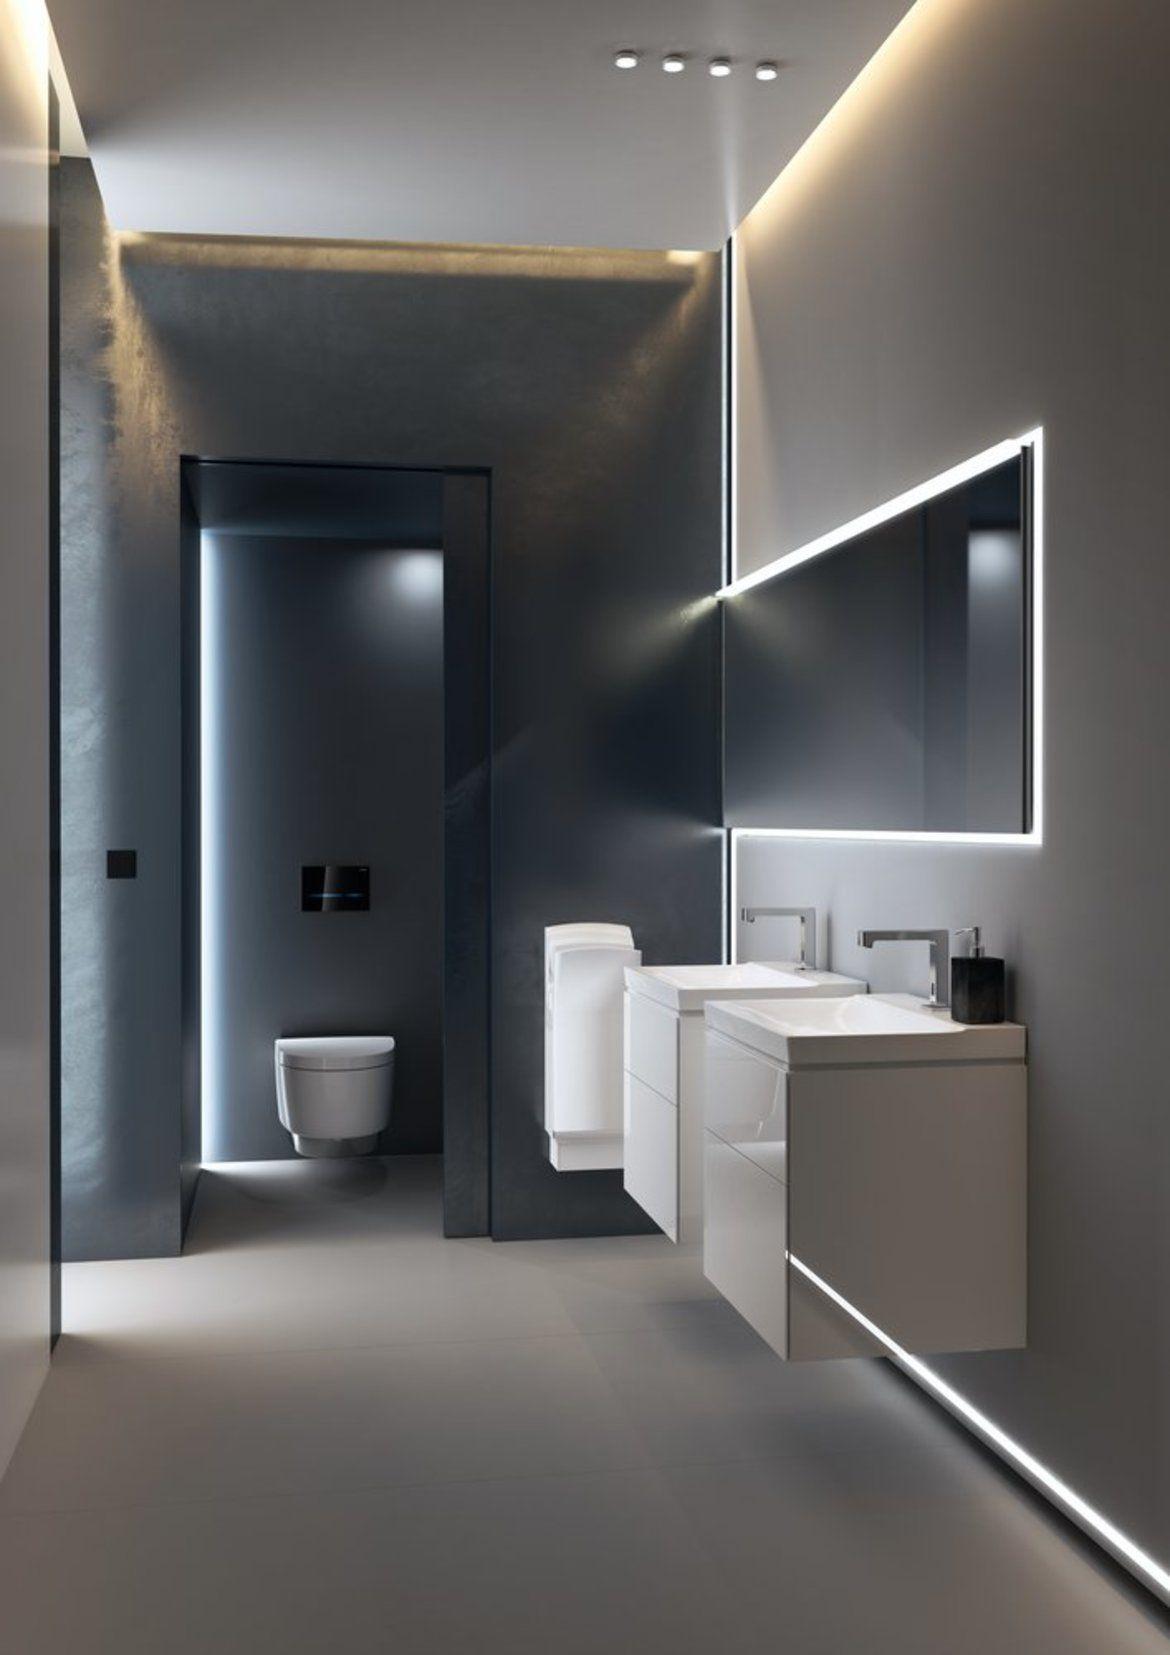 Pin von Elinaime auf Bathroom Wc mit dusche